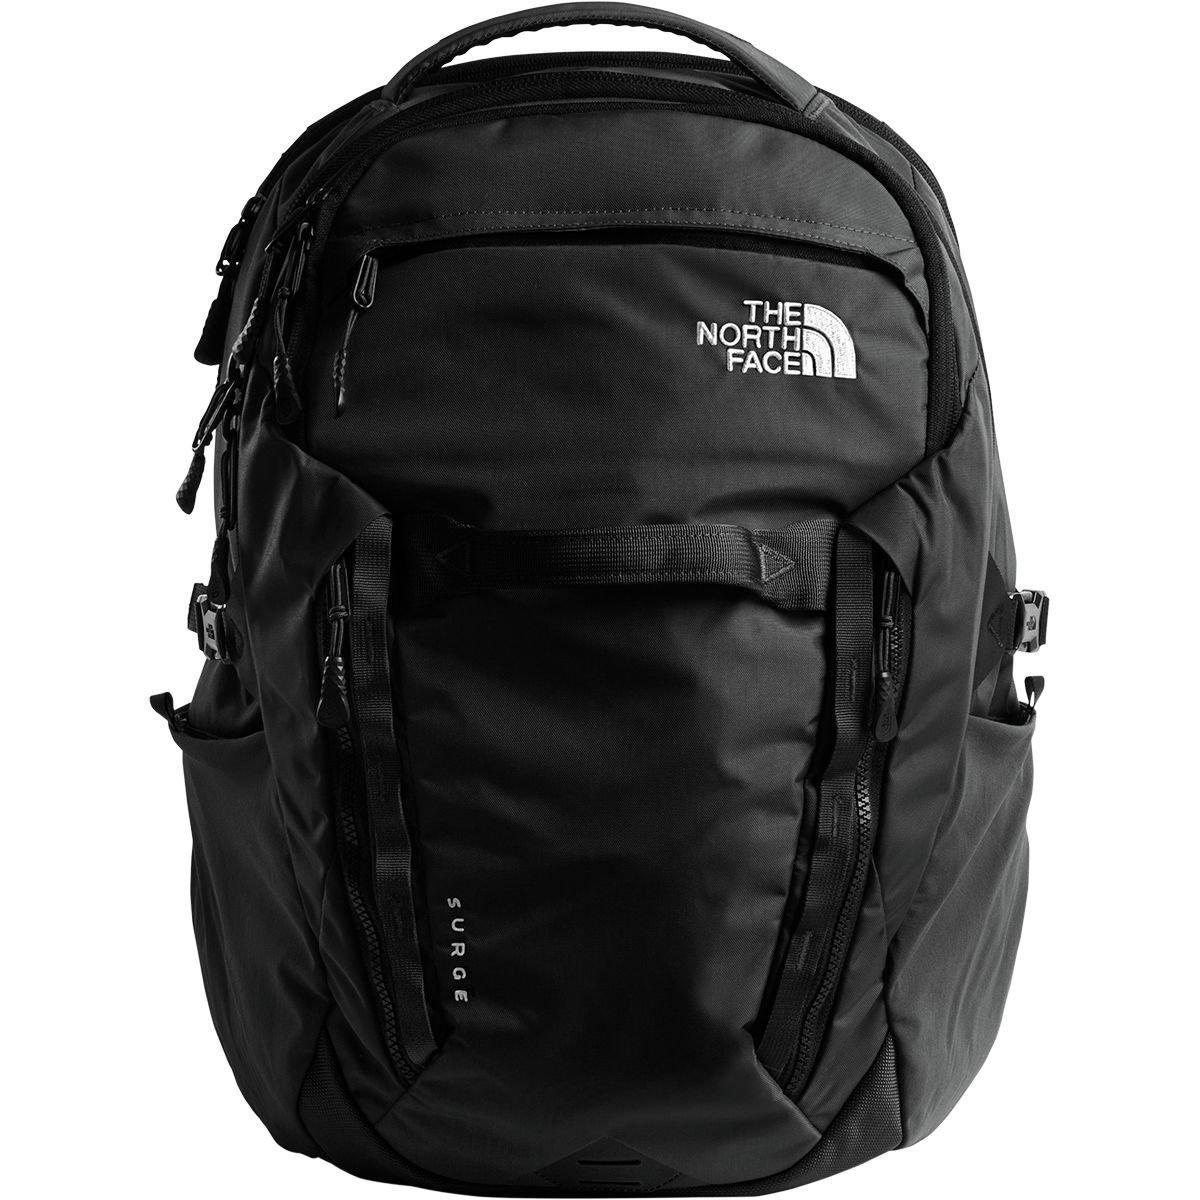 [ノースフェイス] メンズ バックパックリュックサック Surge 31L Backpack [並行輸入品] B07MT8V83M  No-Size